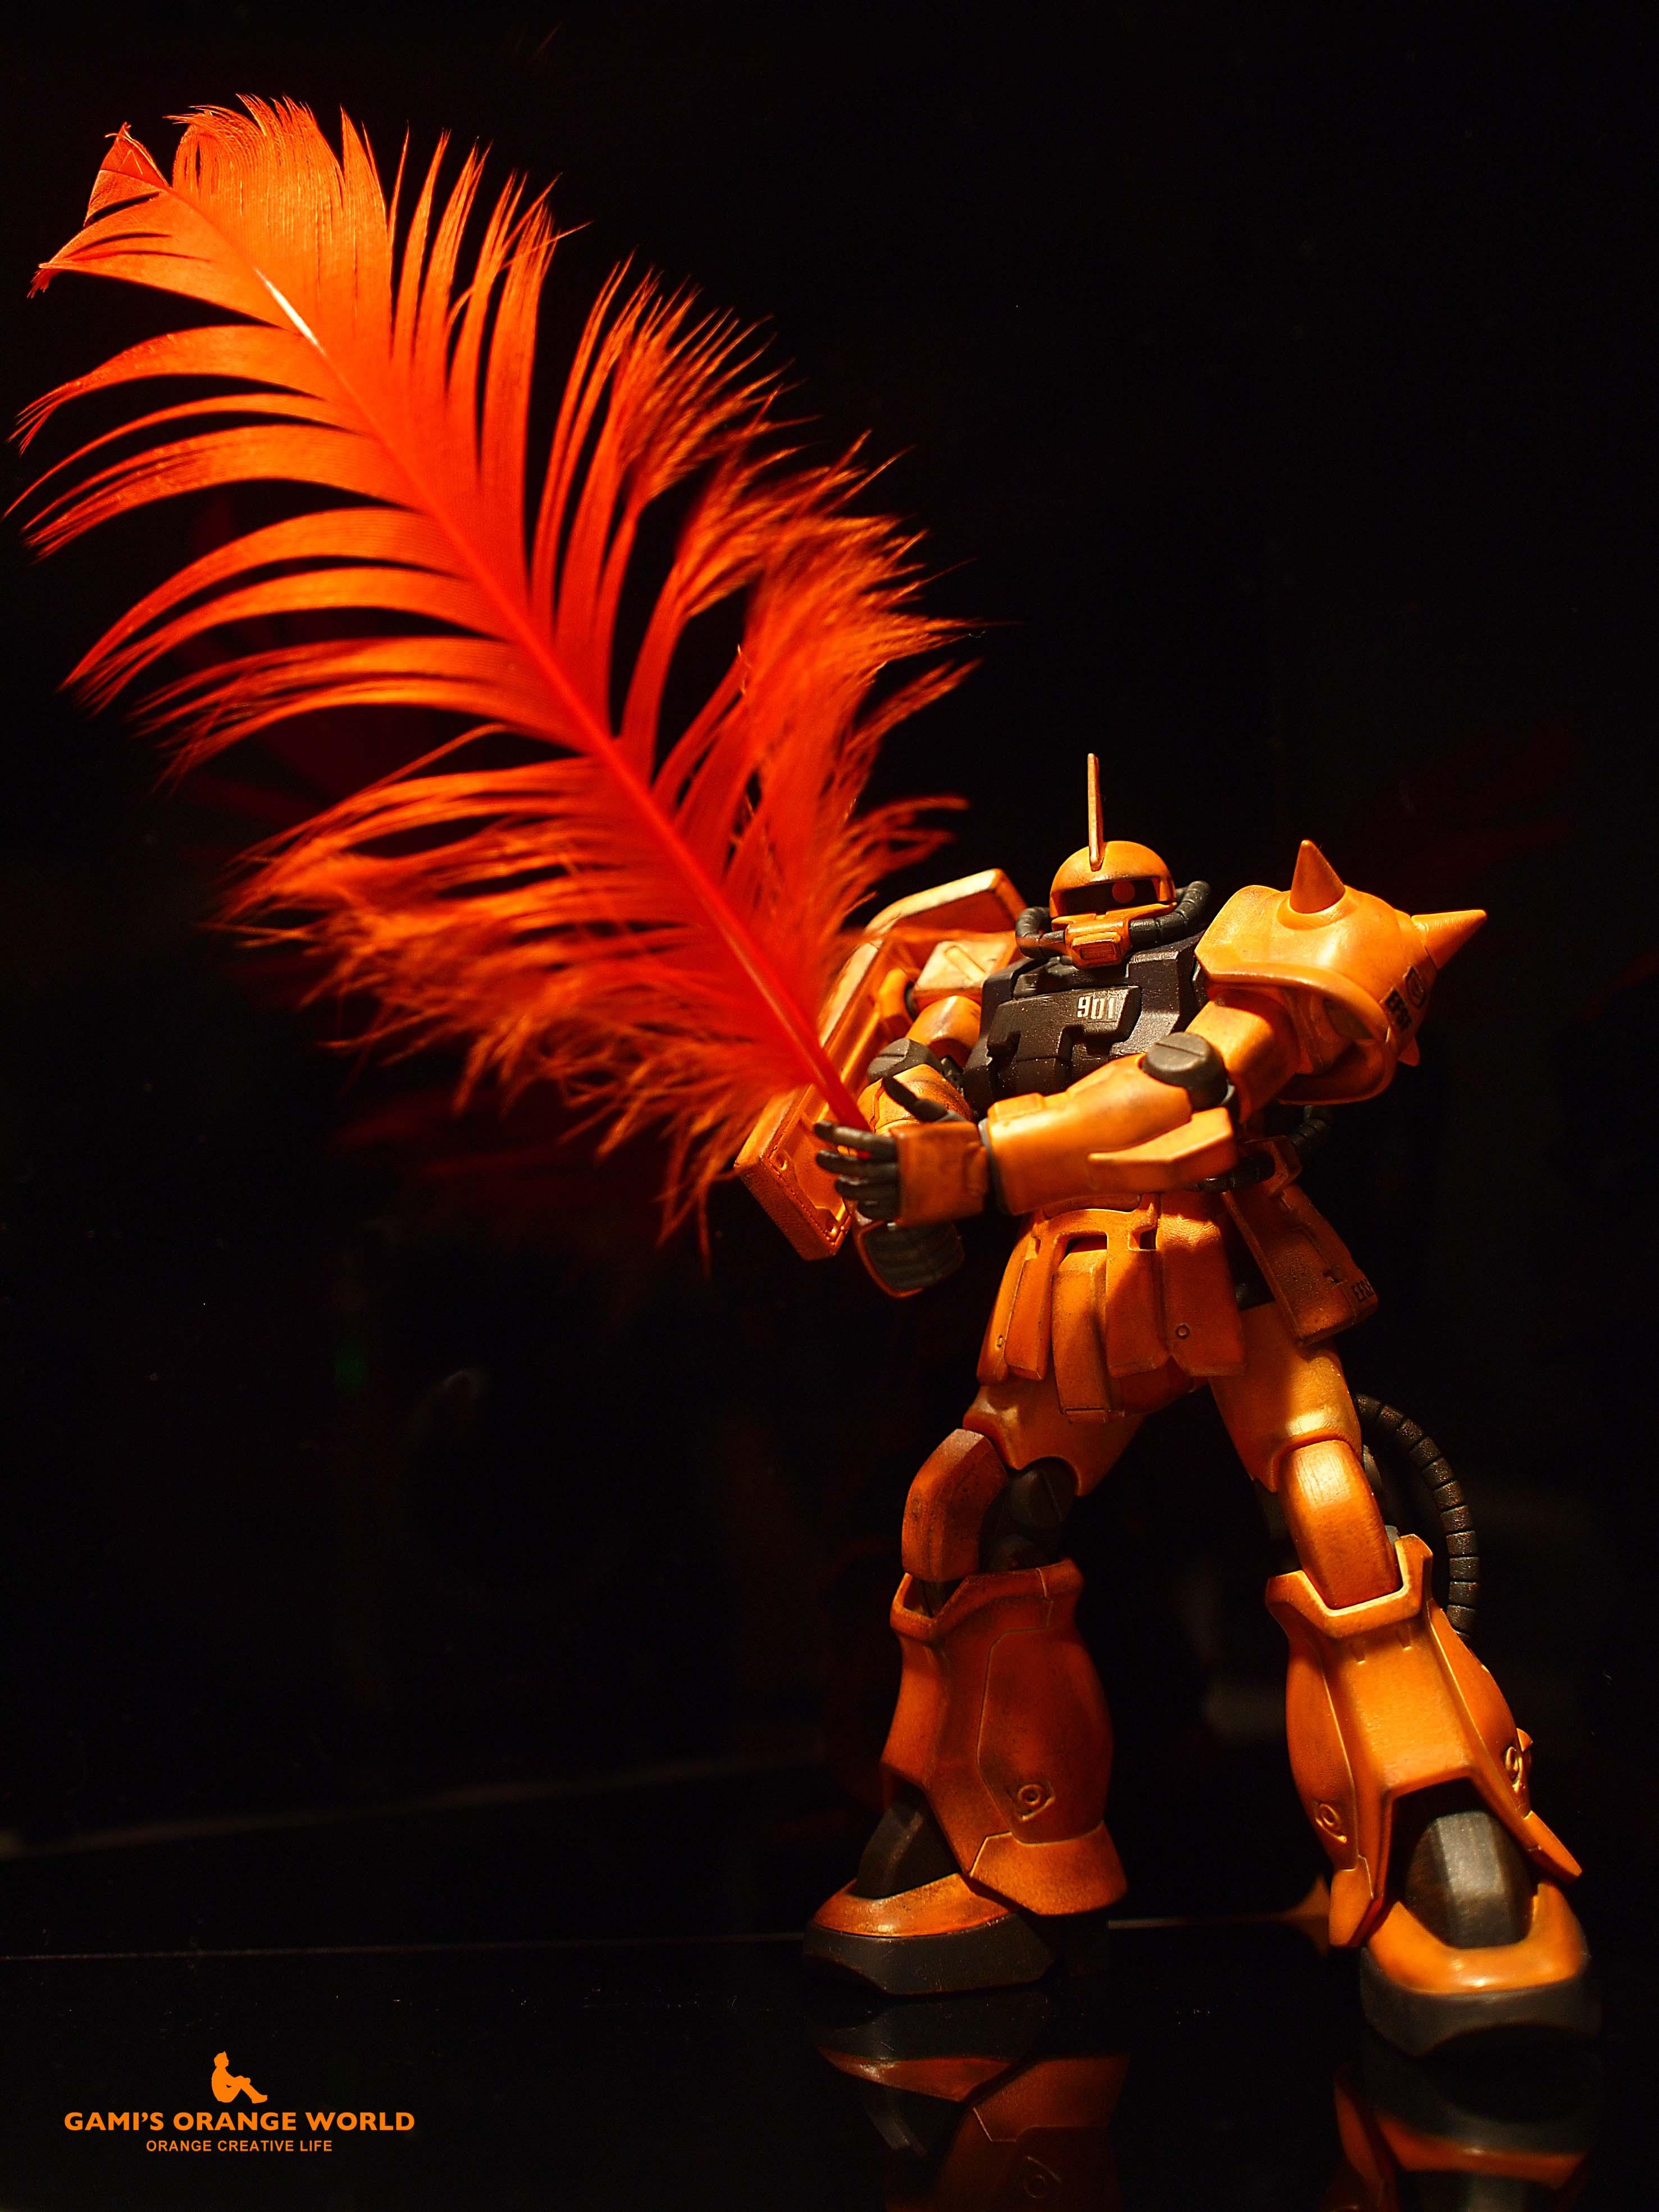 オレンジの羽根を持つオレンジのザク のコピー